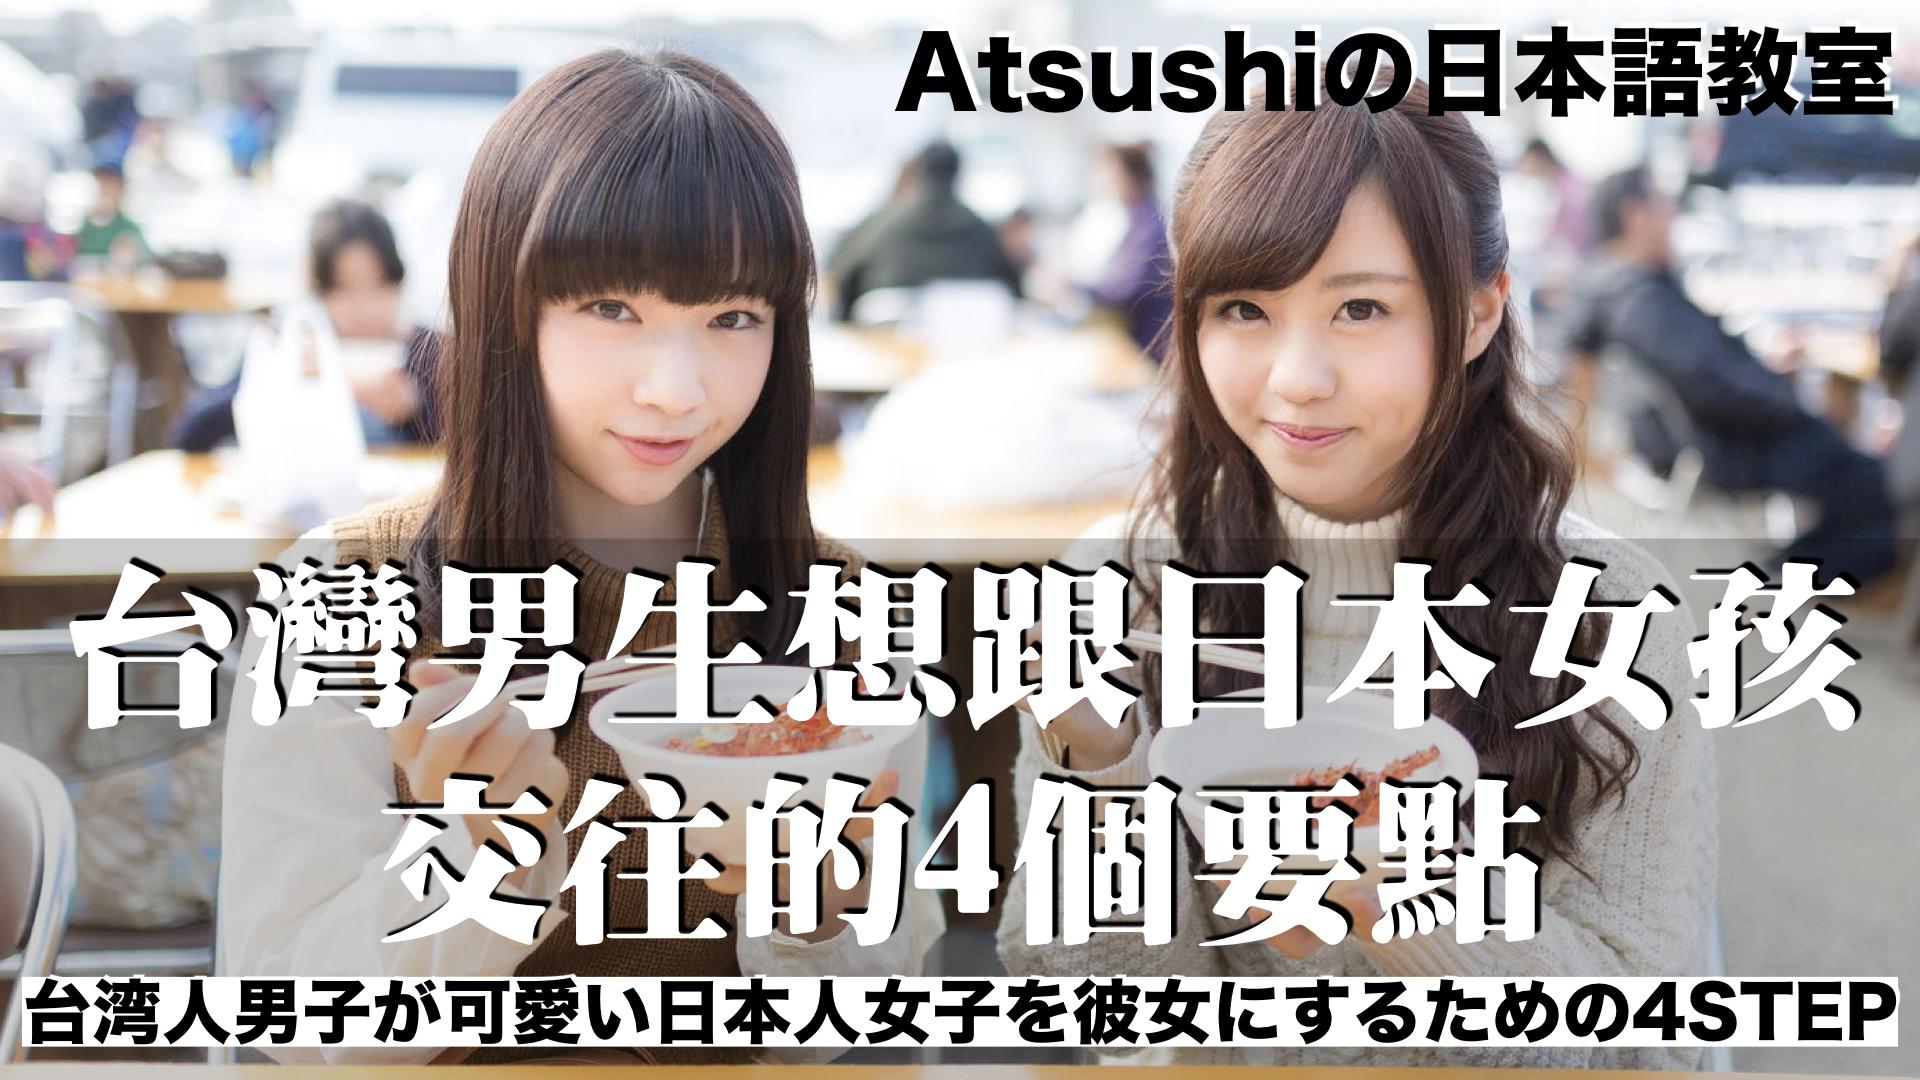 台灣男生想跟日本女孩交往的4個要點/台湾人男子が可愛い日本人女子を彼女にするための4STEP